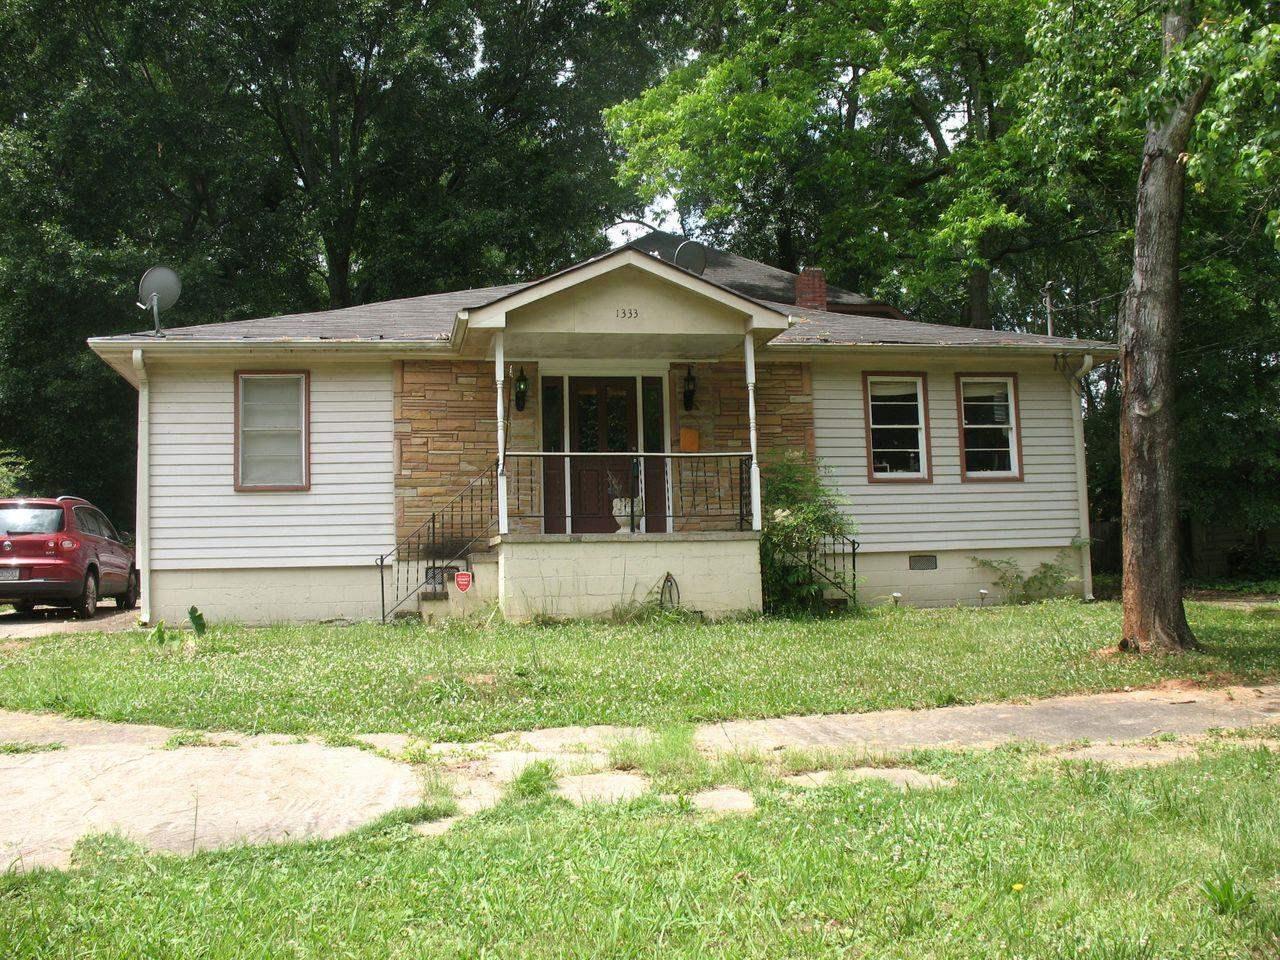 1333 Peachcrest Rd, Decatur GA 30032